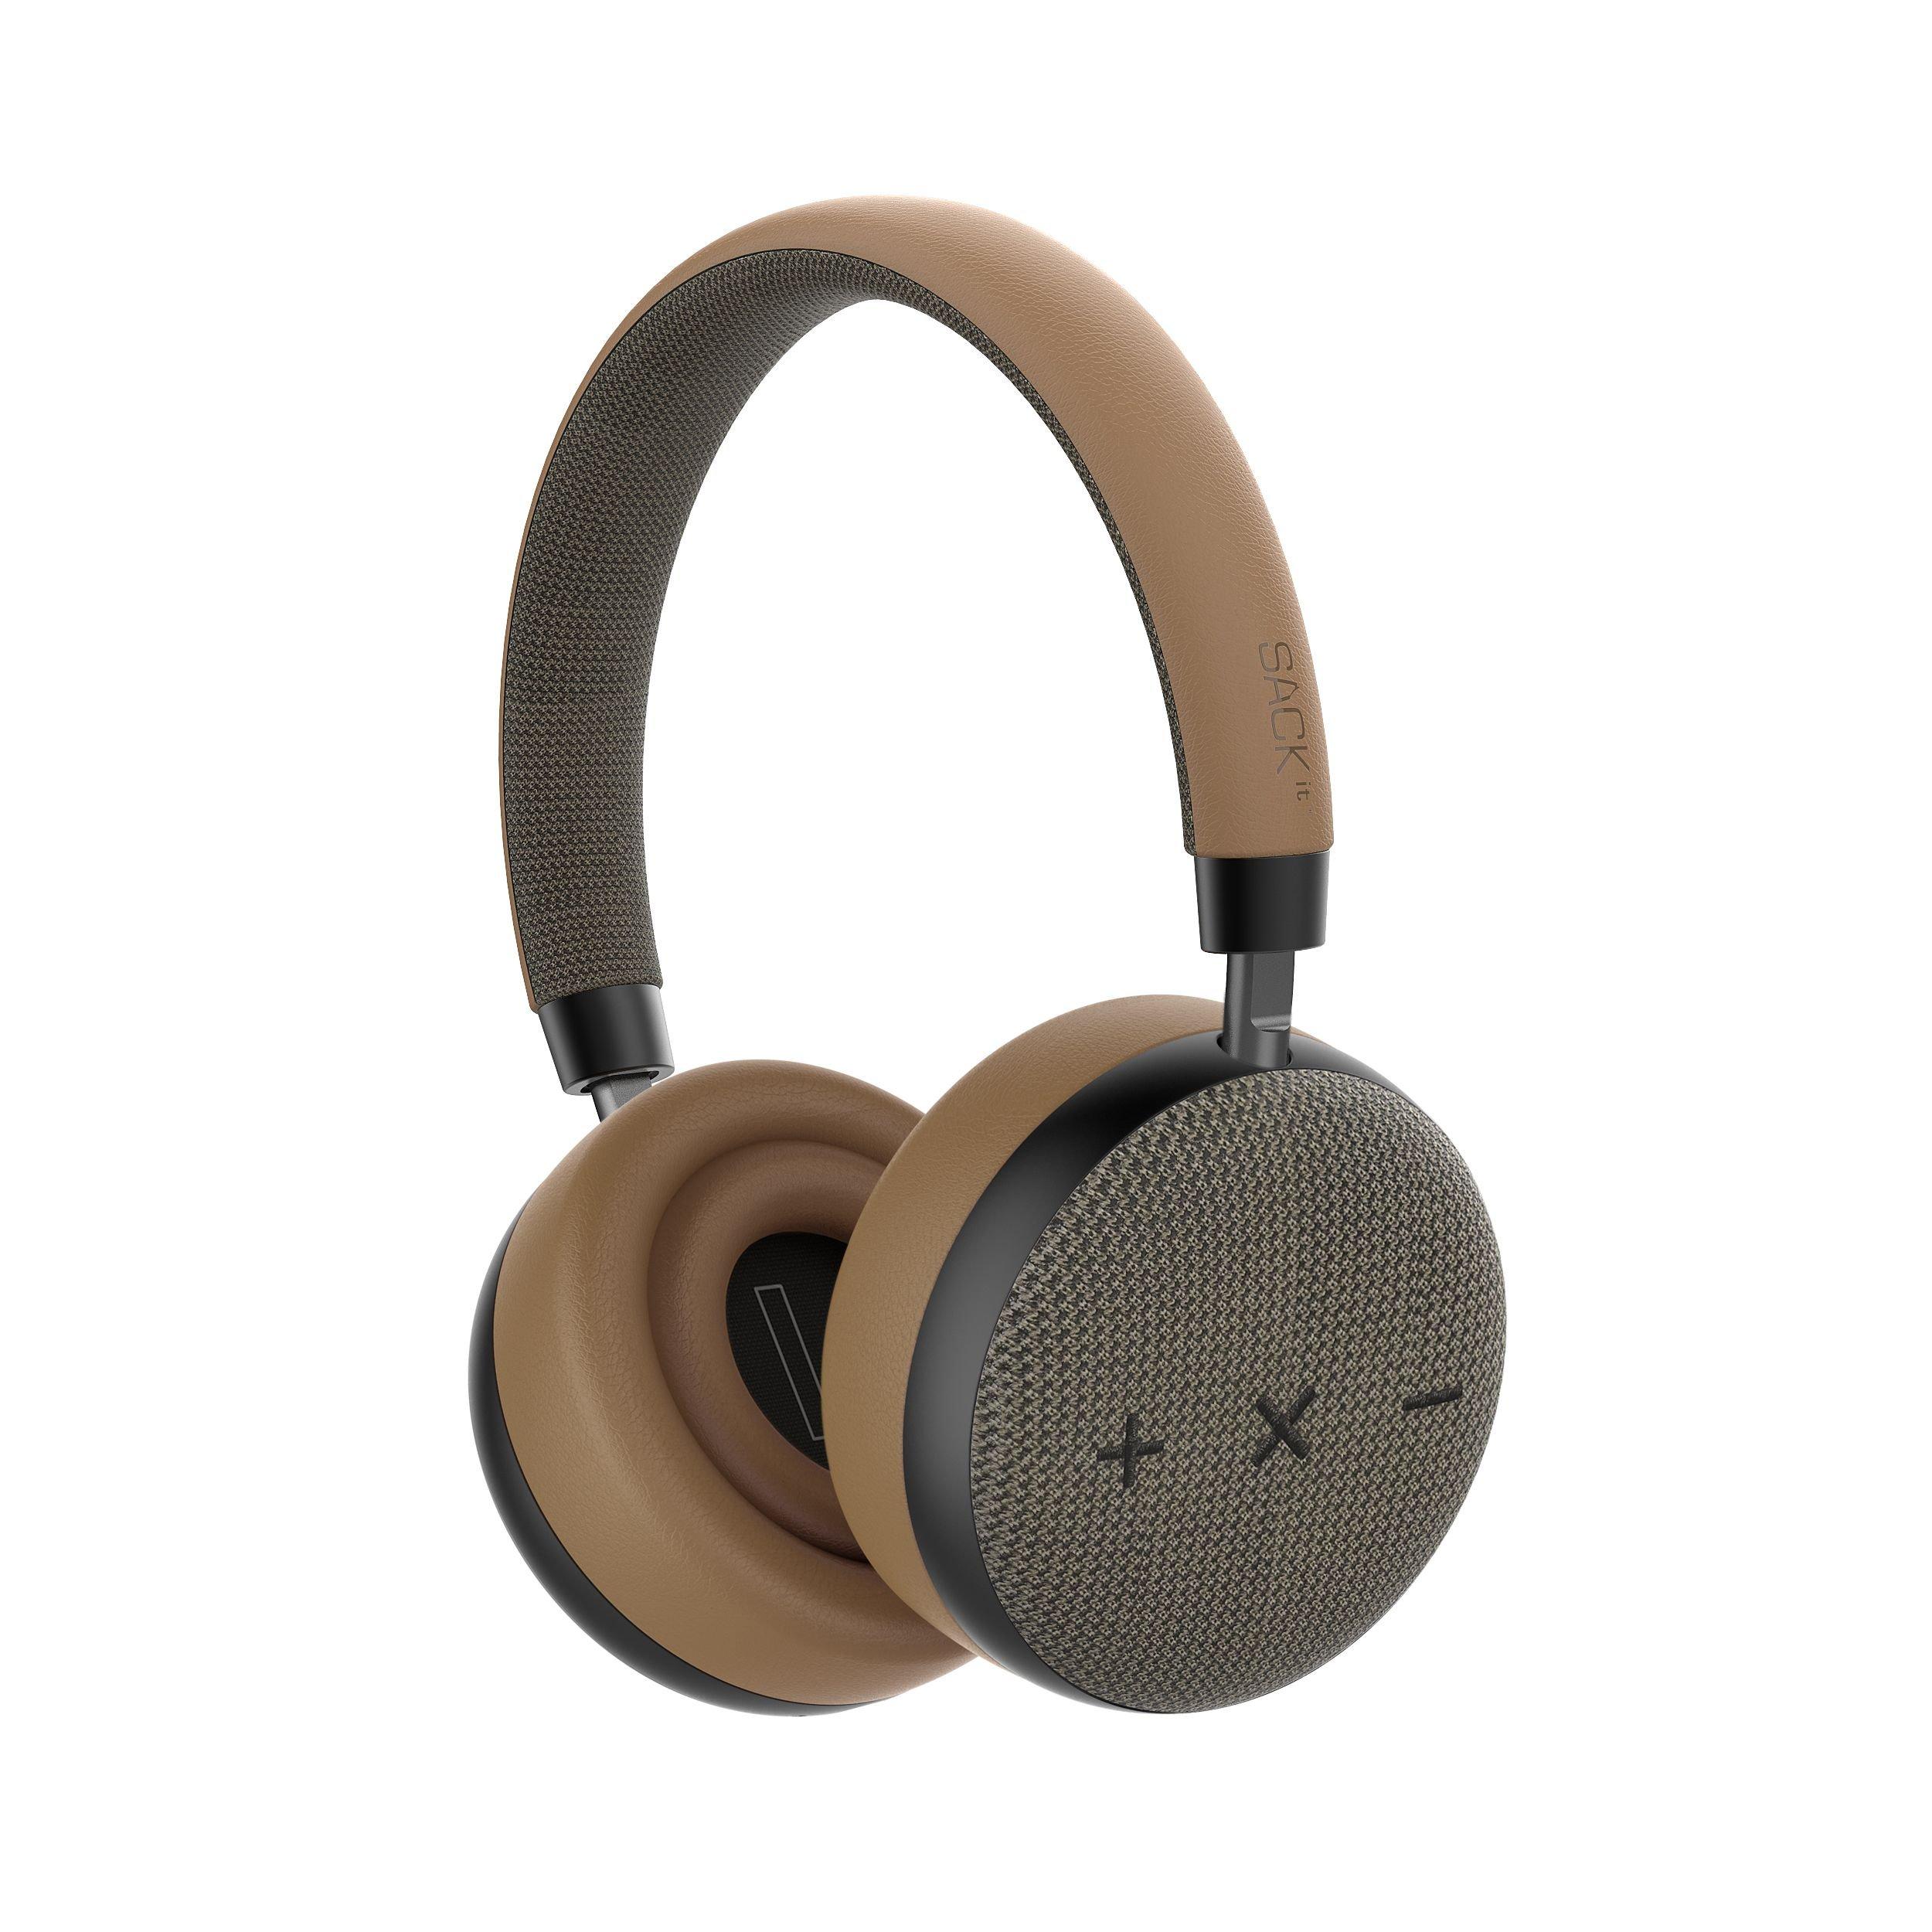 SACKit - TOUCHit S On-Ear Headphones - Golden